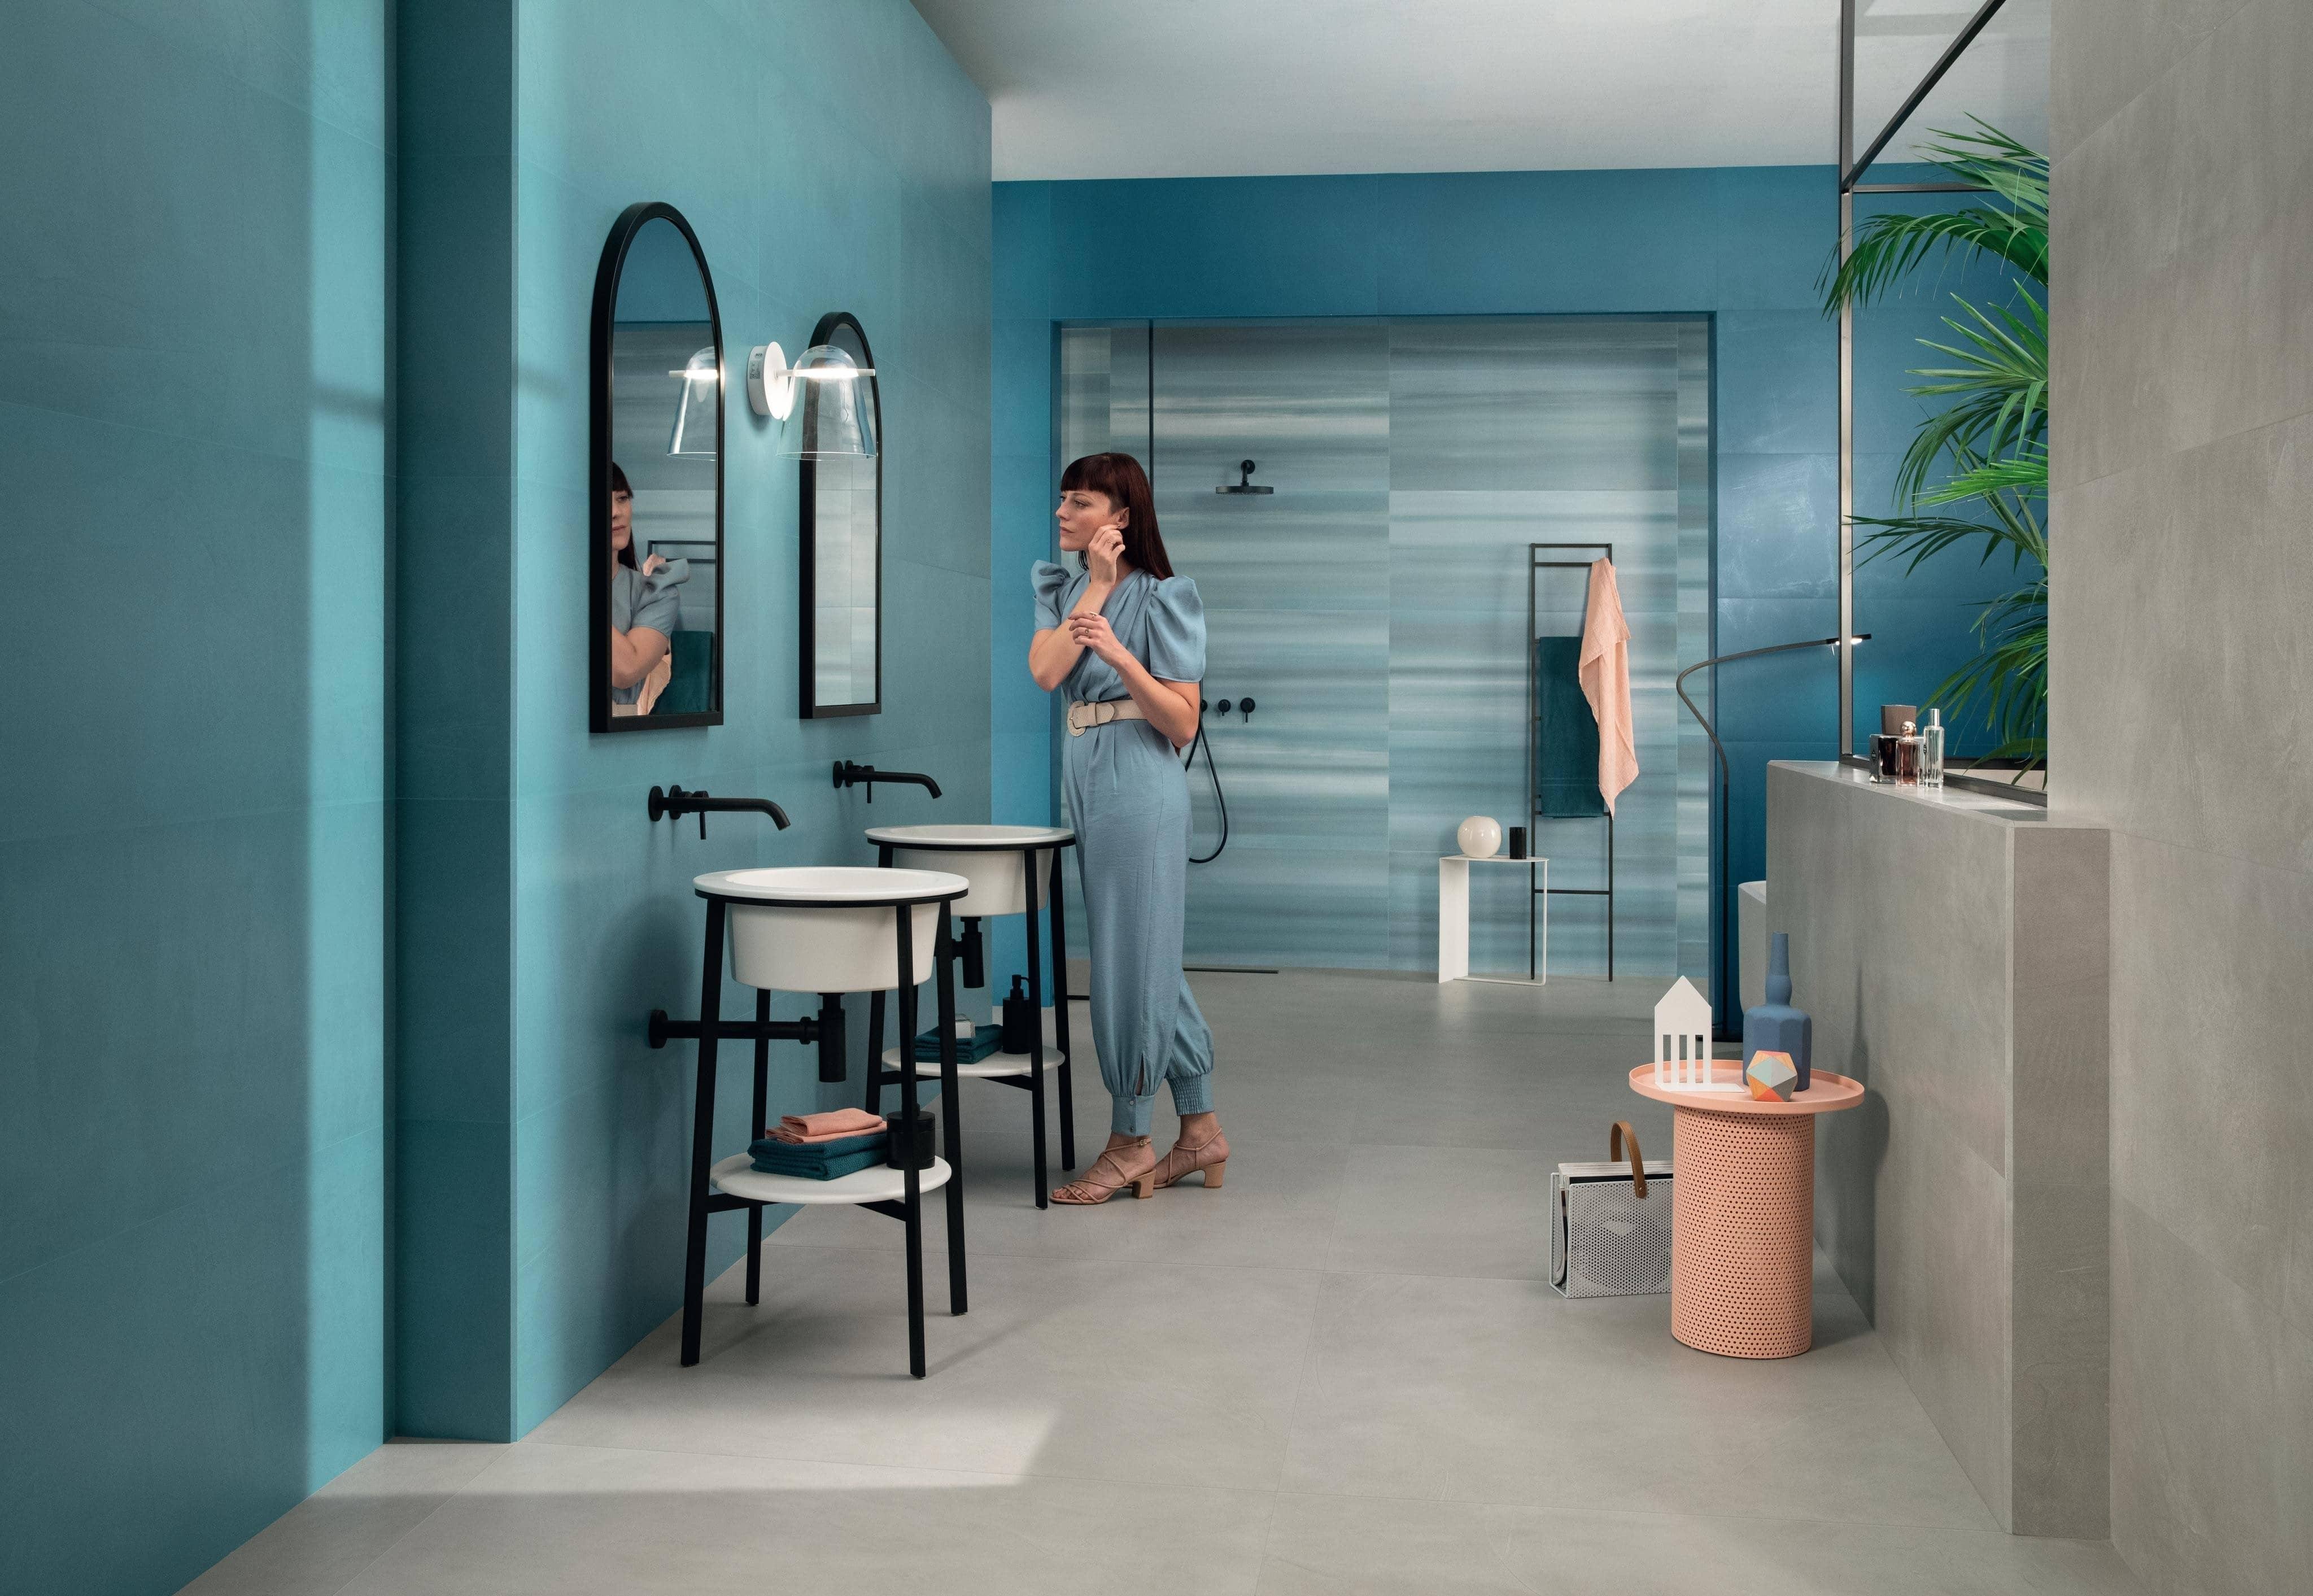 Koupelna v pastelových barvách. Objevte kolekci Prism! slide 6